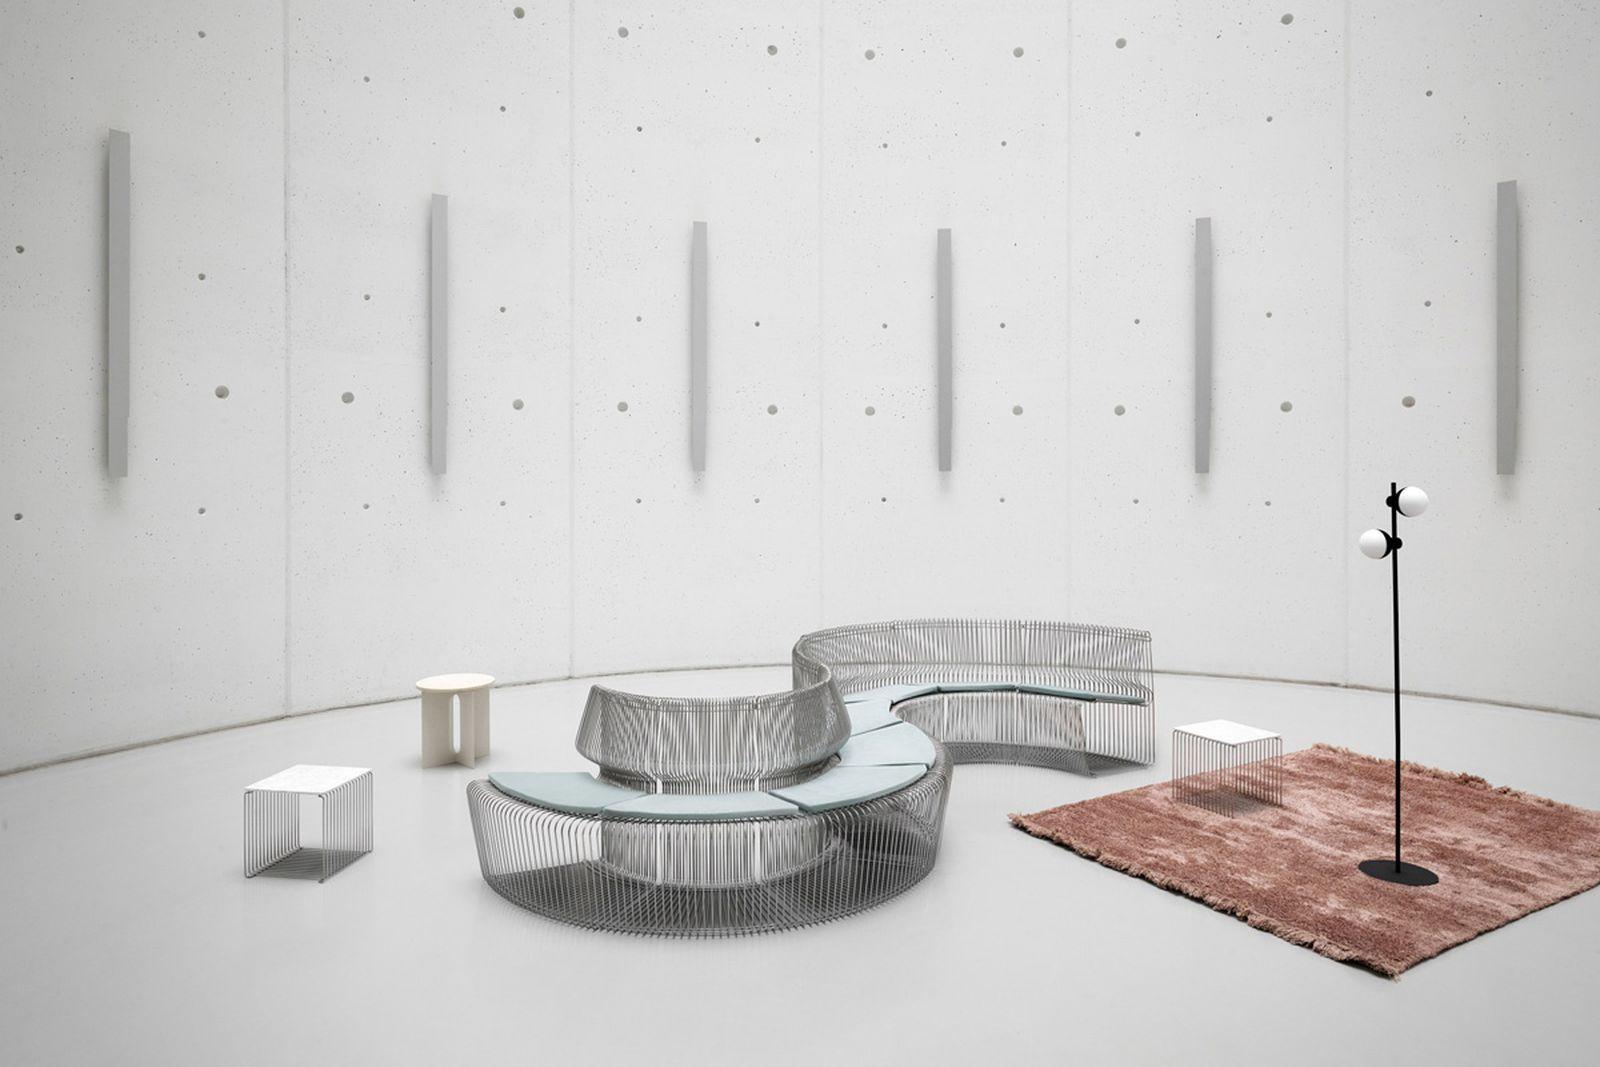 pantona chair Milan Design Week 2019 salone del mobile